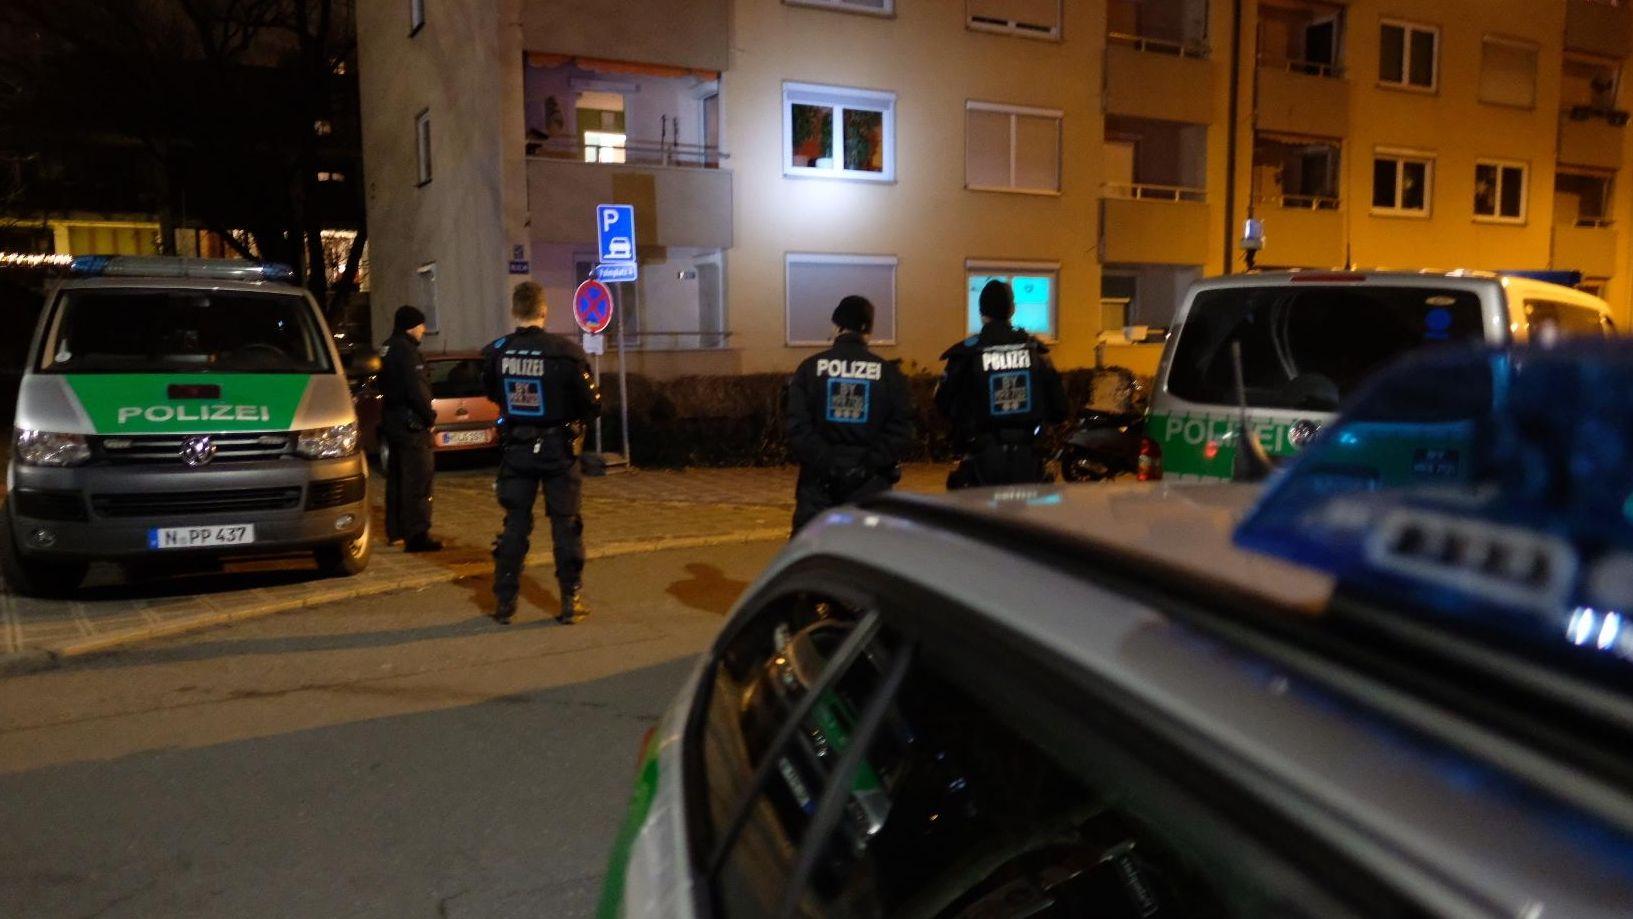 Polizeieinsatz nach Messerangriffen in Nürnberg